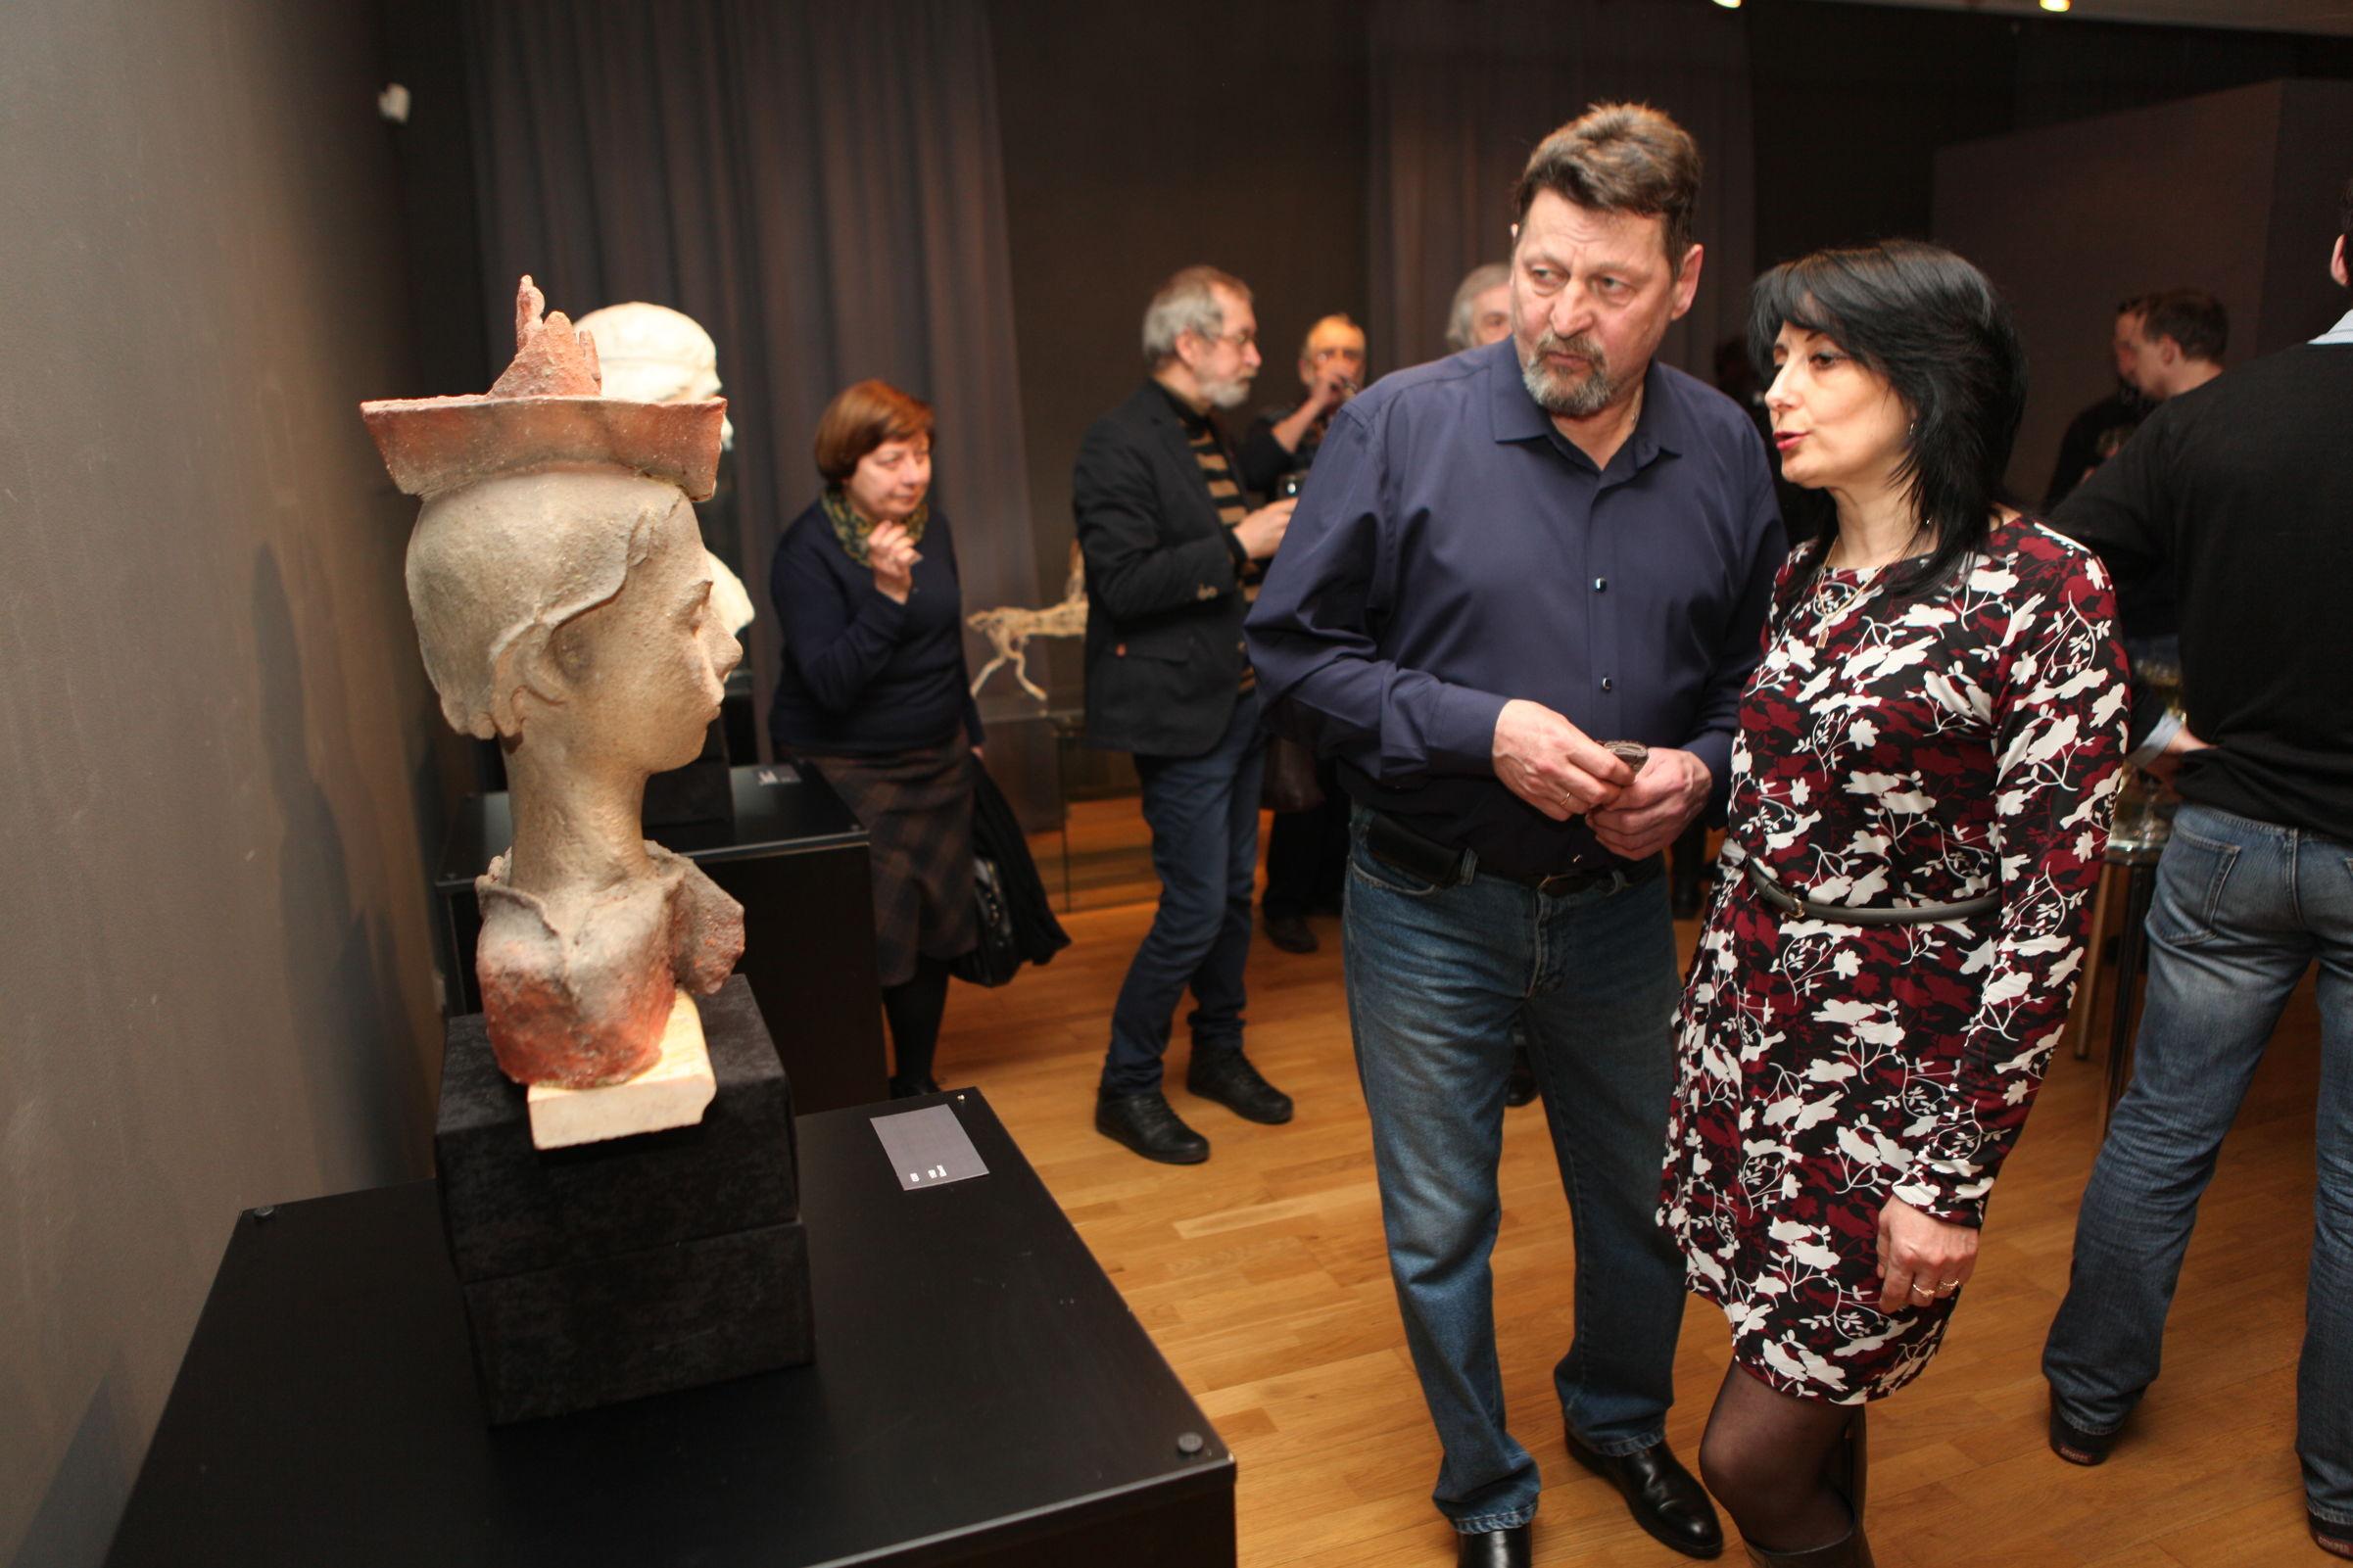 И вечная Весна! Ярославцев покорили работы Елены Пасхиной на фестивале ART NON-STOP